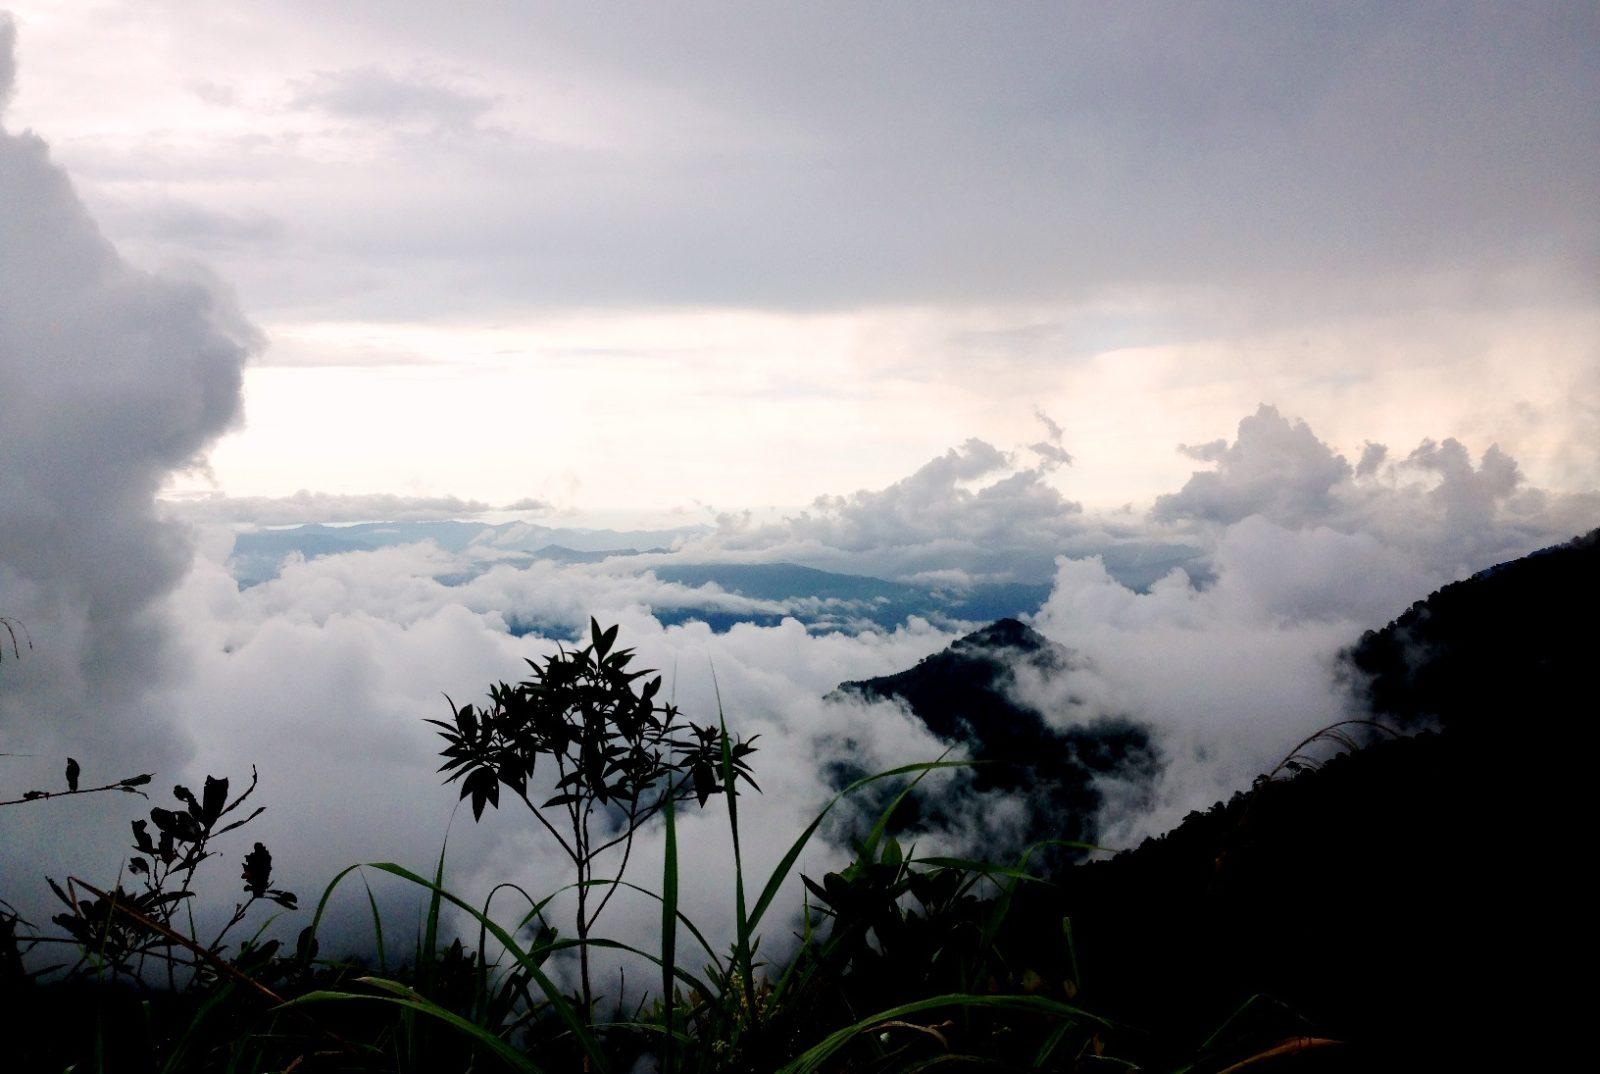 Остров Борнео: земля первозданного рая